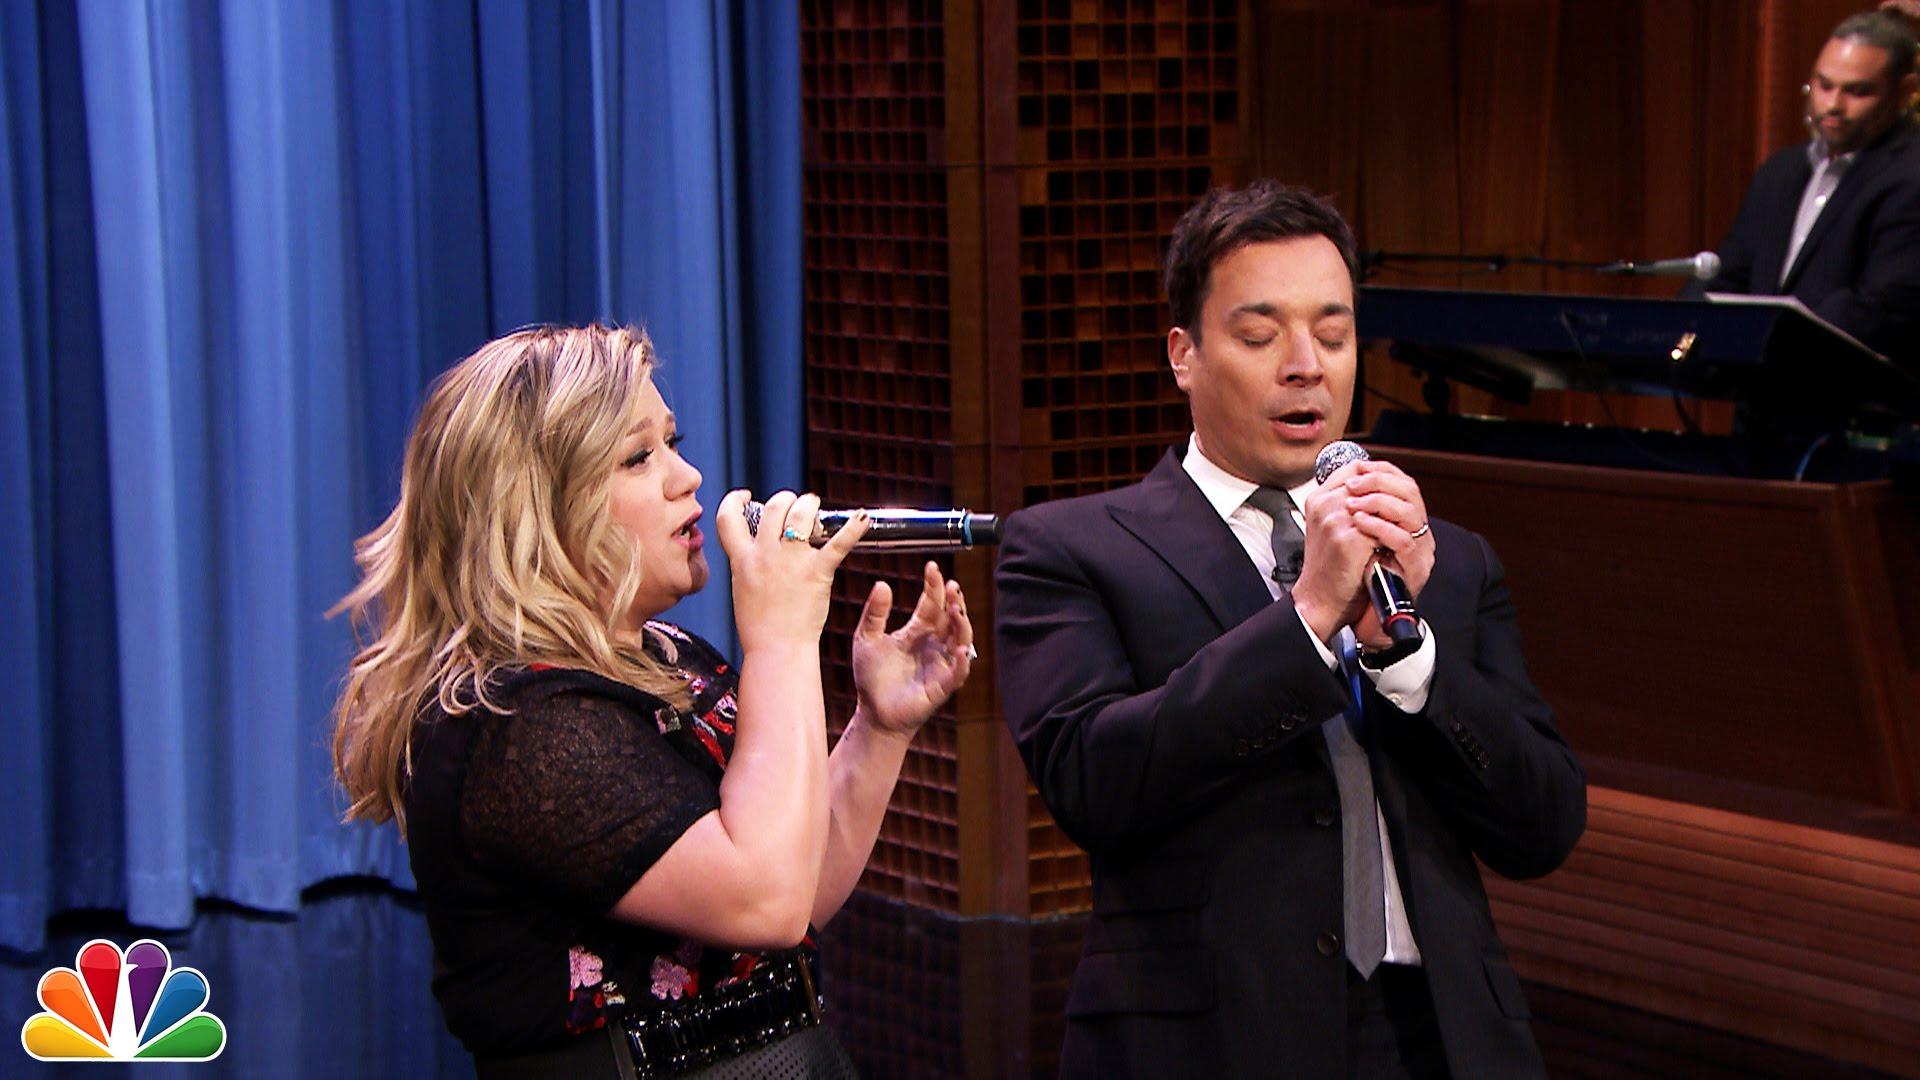 Kelly Clarkson finds a duet partner in Jimmy Fallon